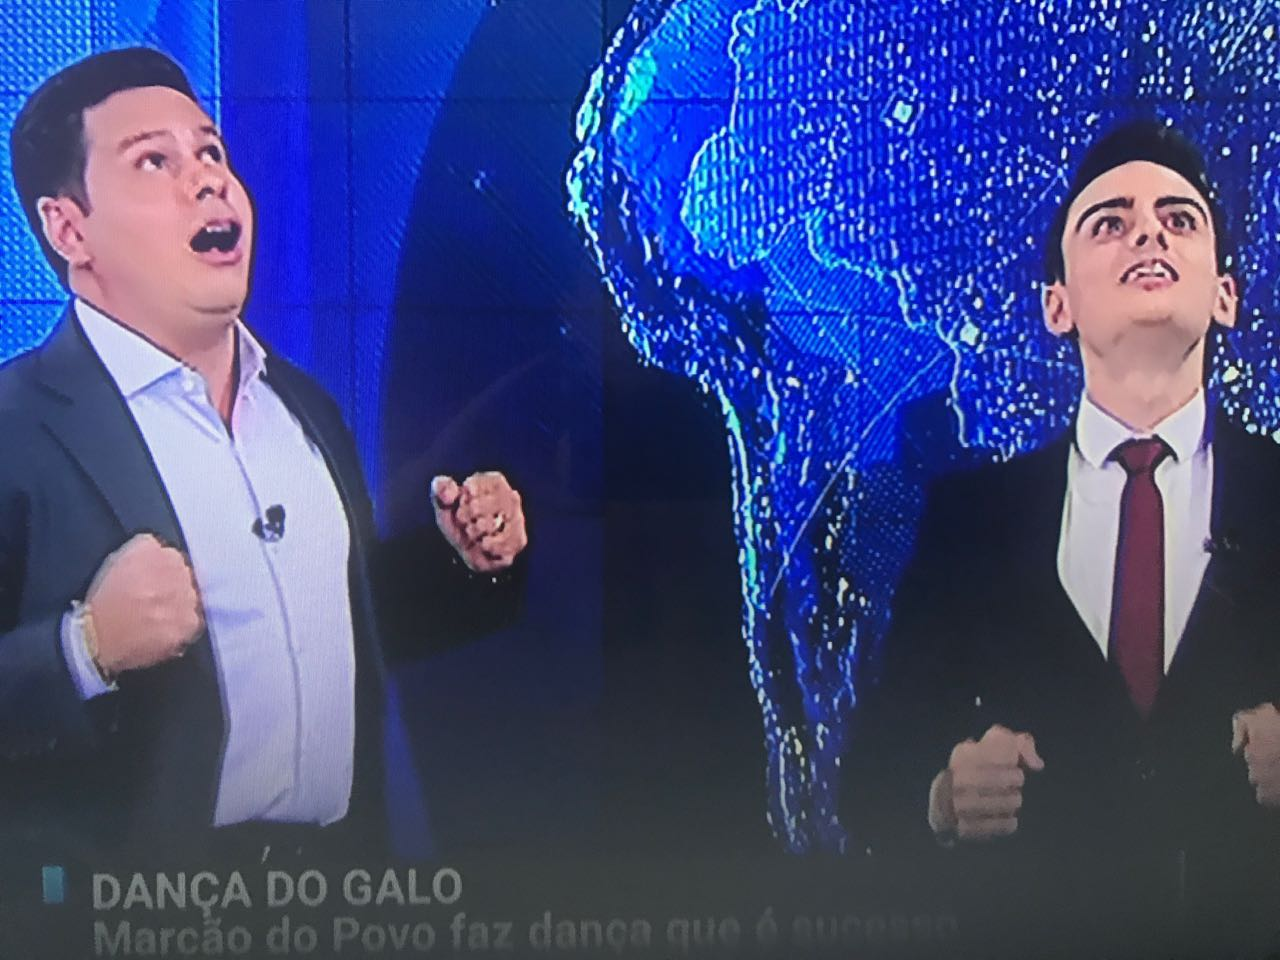 Marcão do Povo e Dudu Camargo vão estrear novo telejornal no SBT (Foto reprodução)